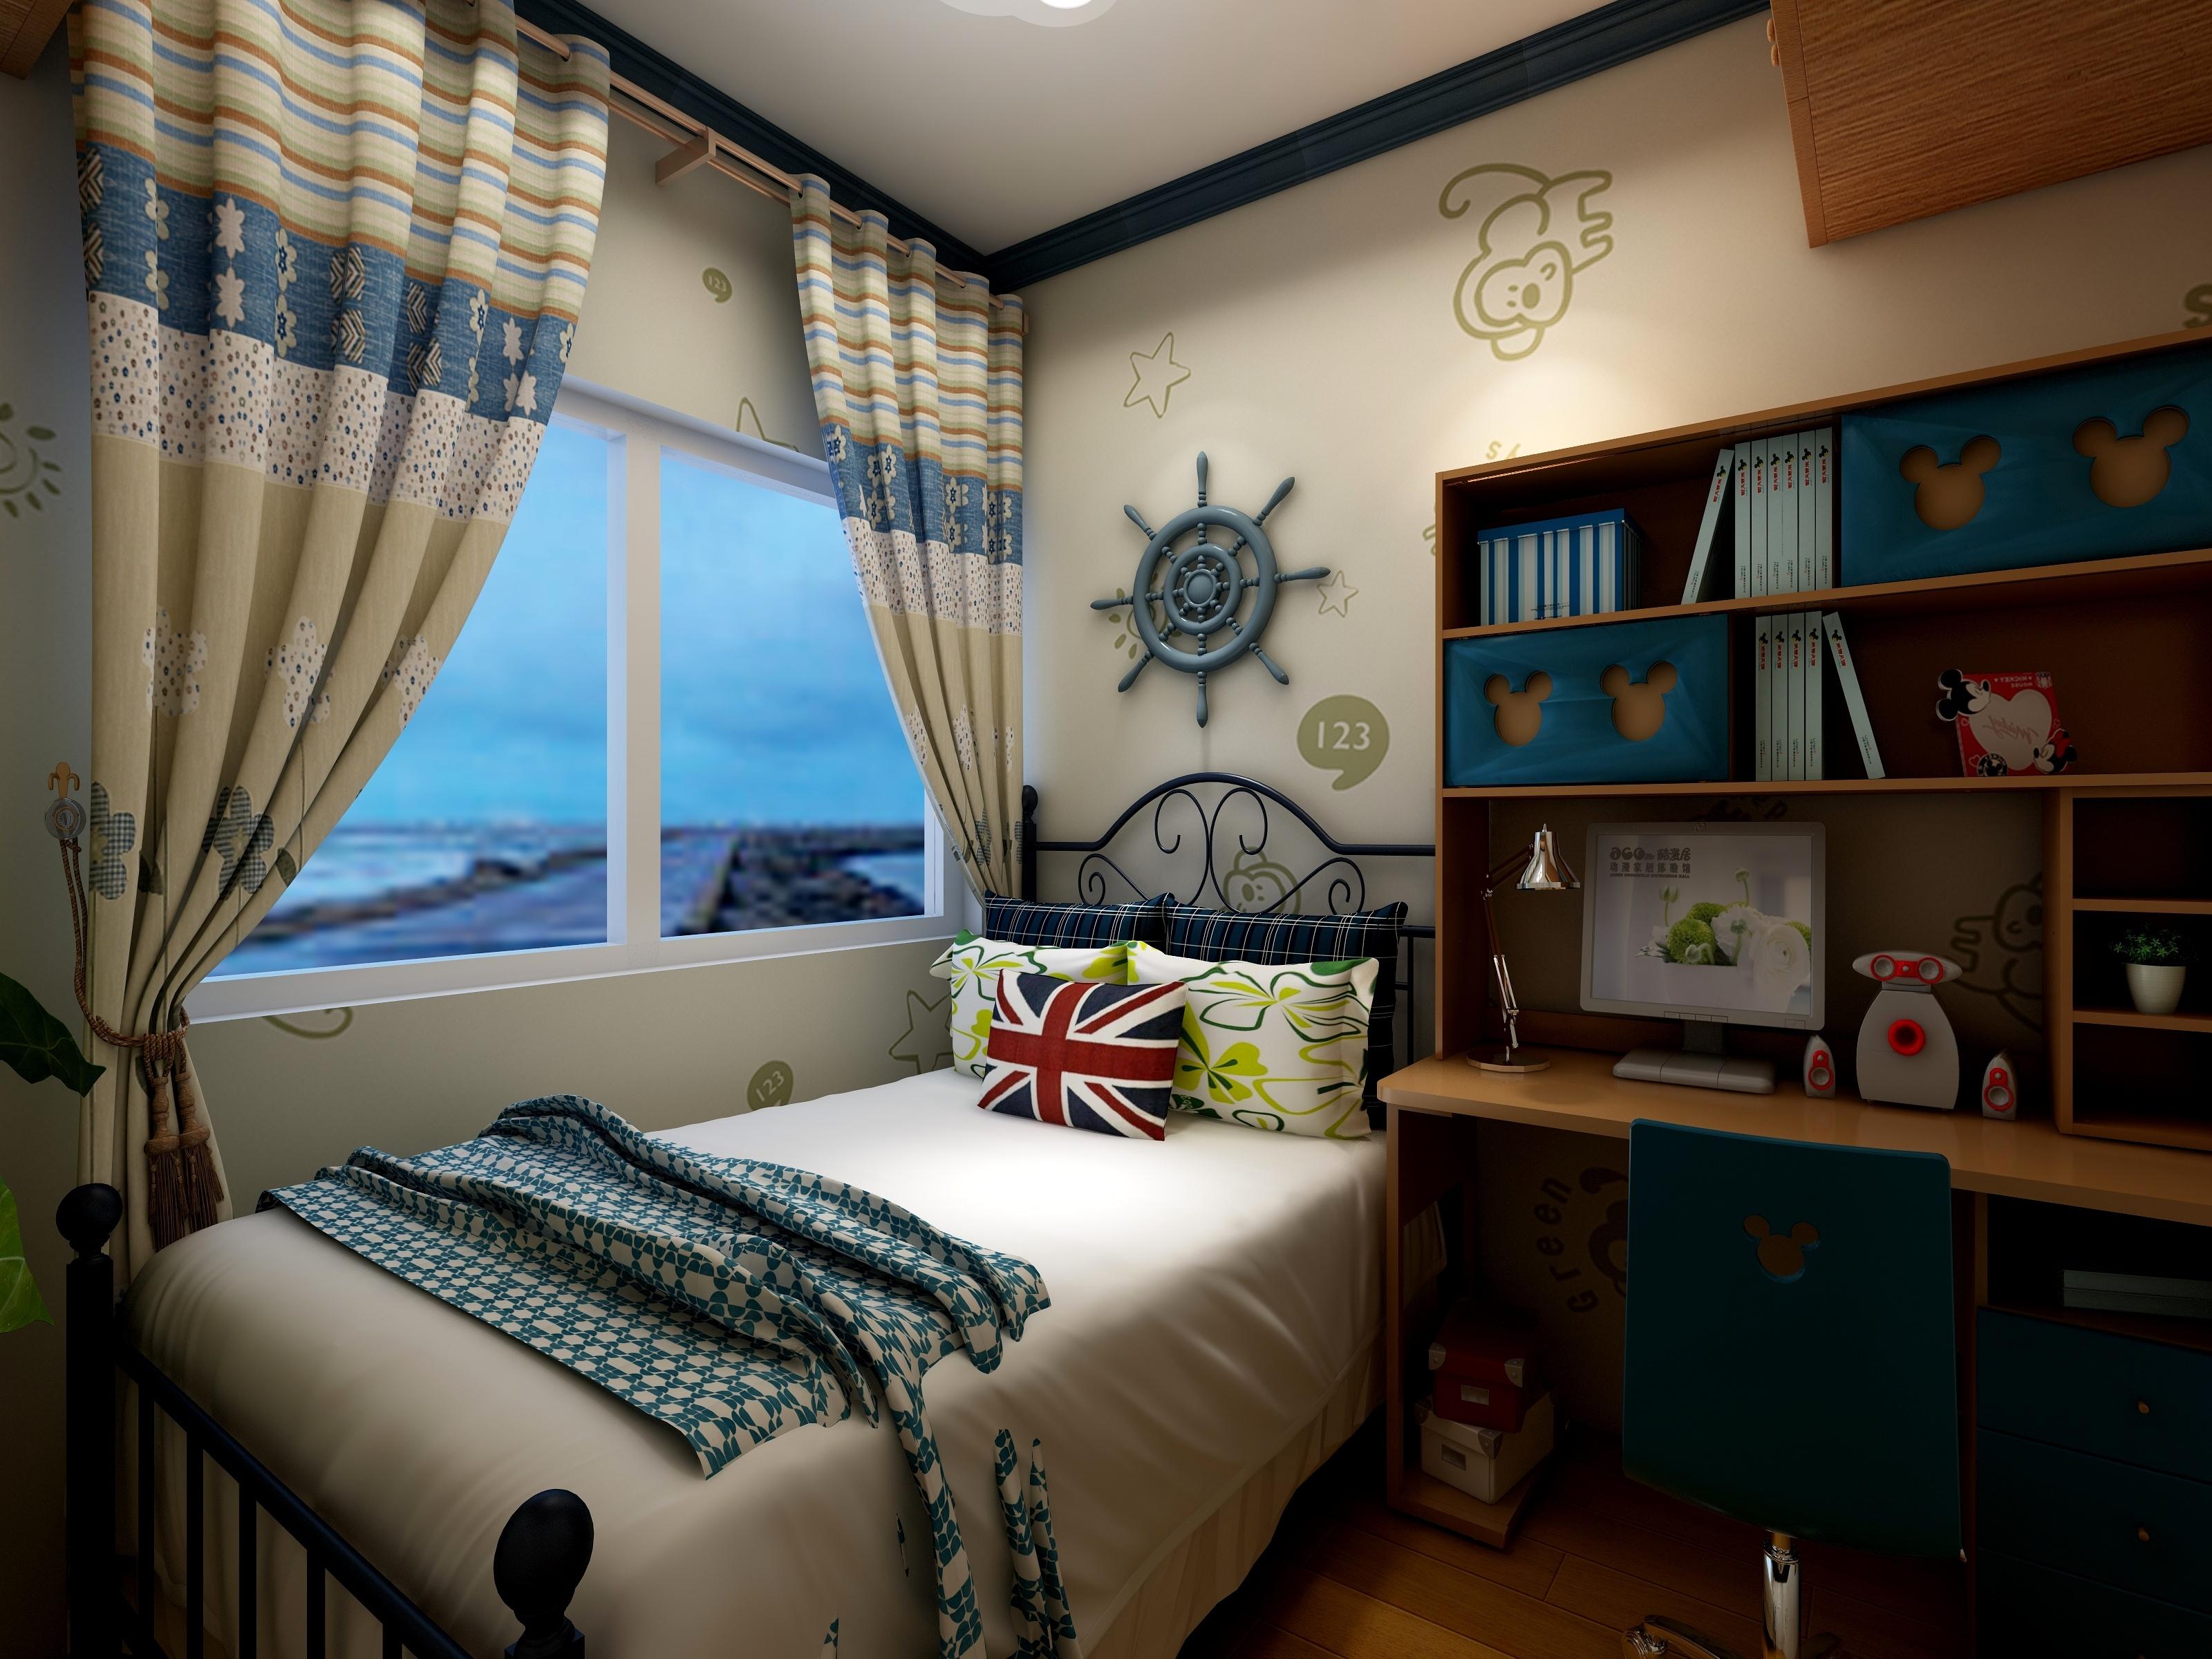 地中海风格可爱儿童房装修效果图